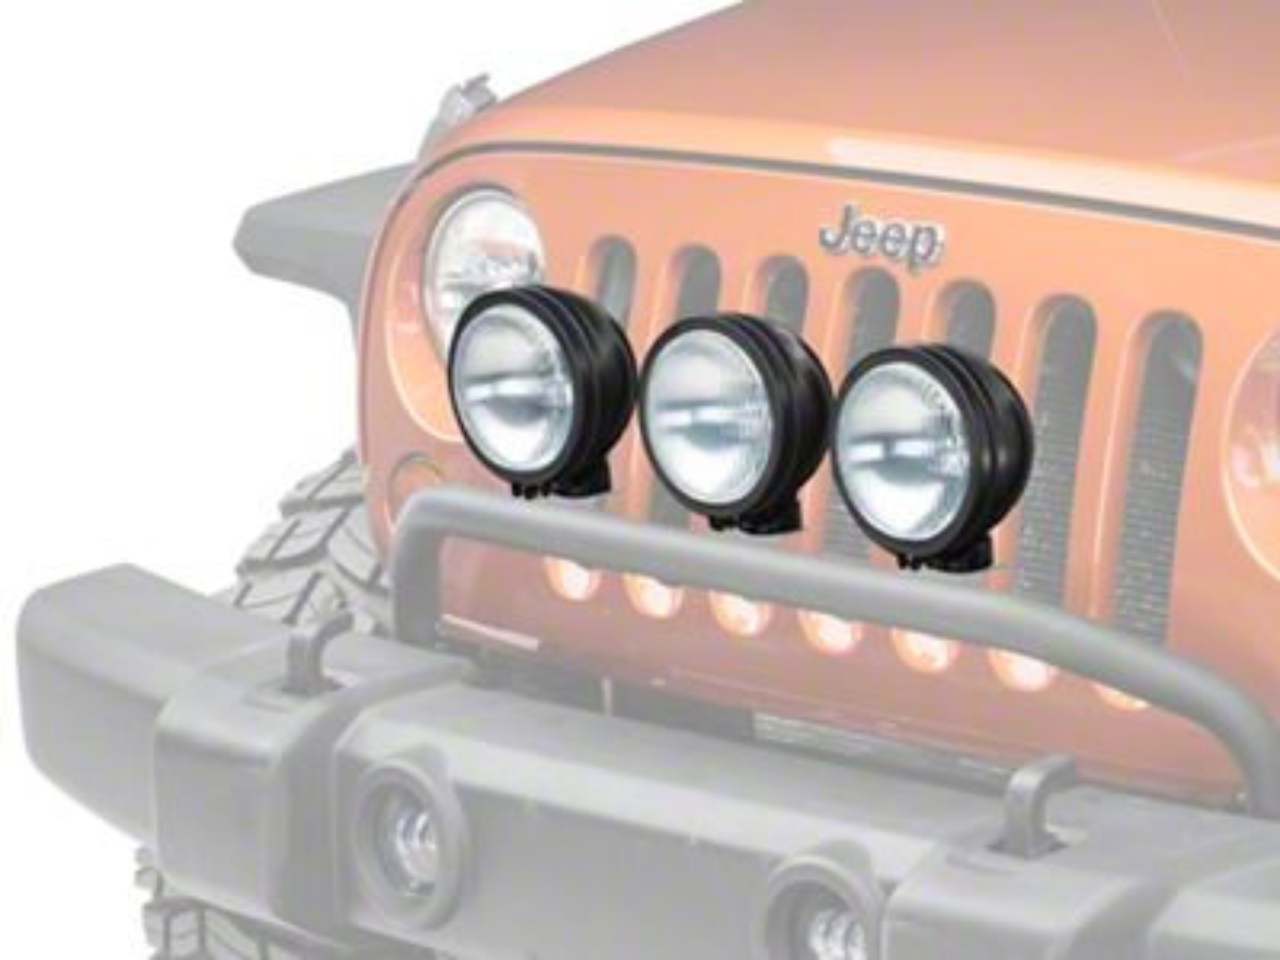 How to Install Rugged Ridge 3 HID Offroad Fog Lights, Black ... Jeep Cj Wiring Harness on jeep cj antenna, jeep cj voltage regulator, jeep cj grille, jeep cj shifter, jeep cj dash removal, jeep horn wiring, jeep cj torque converter, jeep cj turn signal switch, jeep cj spring, jeep cj horn, jeep cj coils, jeep cj proportioning valve, jeep cj shift knob, jeep cj air filter, jeep cj intake manifold, jeep cj clutch, jeep cj driveshaft, jeep cj fuel sender, jeep cj gas pedal, jeep cj alternator,